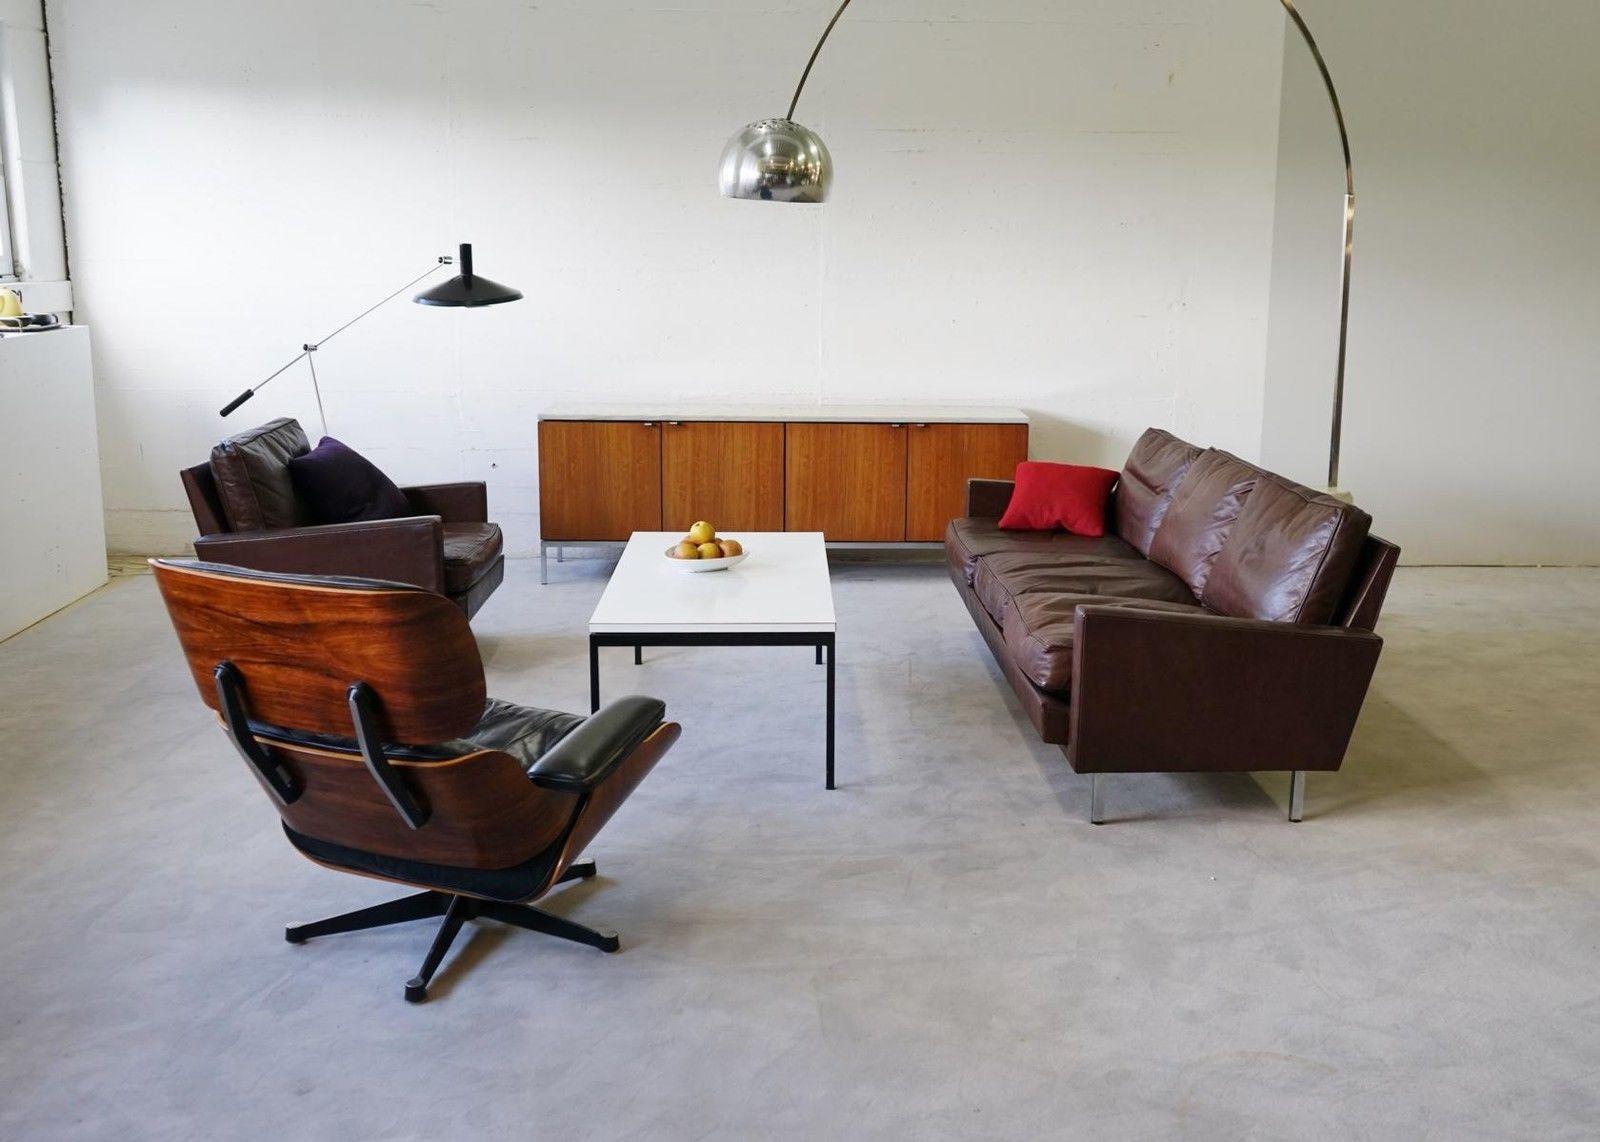 Eames Lounge Chair Und Bogenleuchte   Klassisches Wohnzimmer